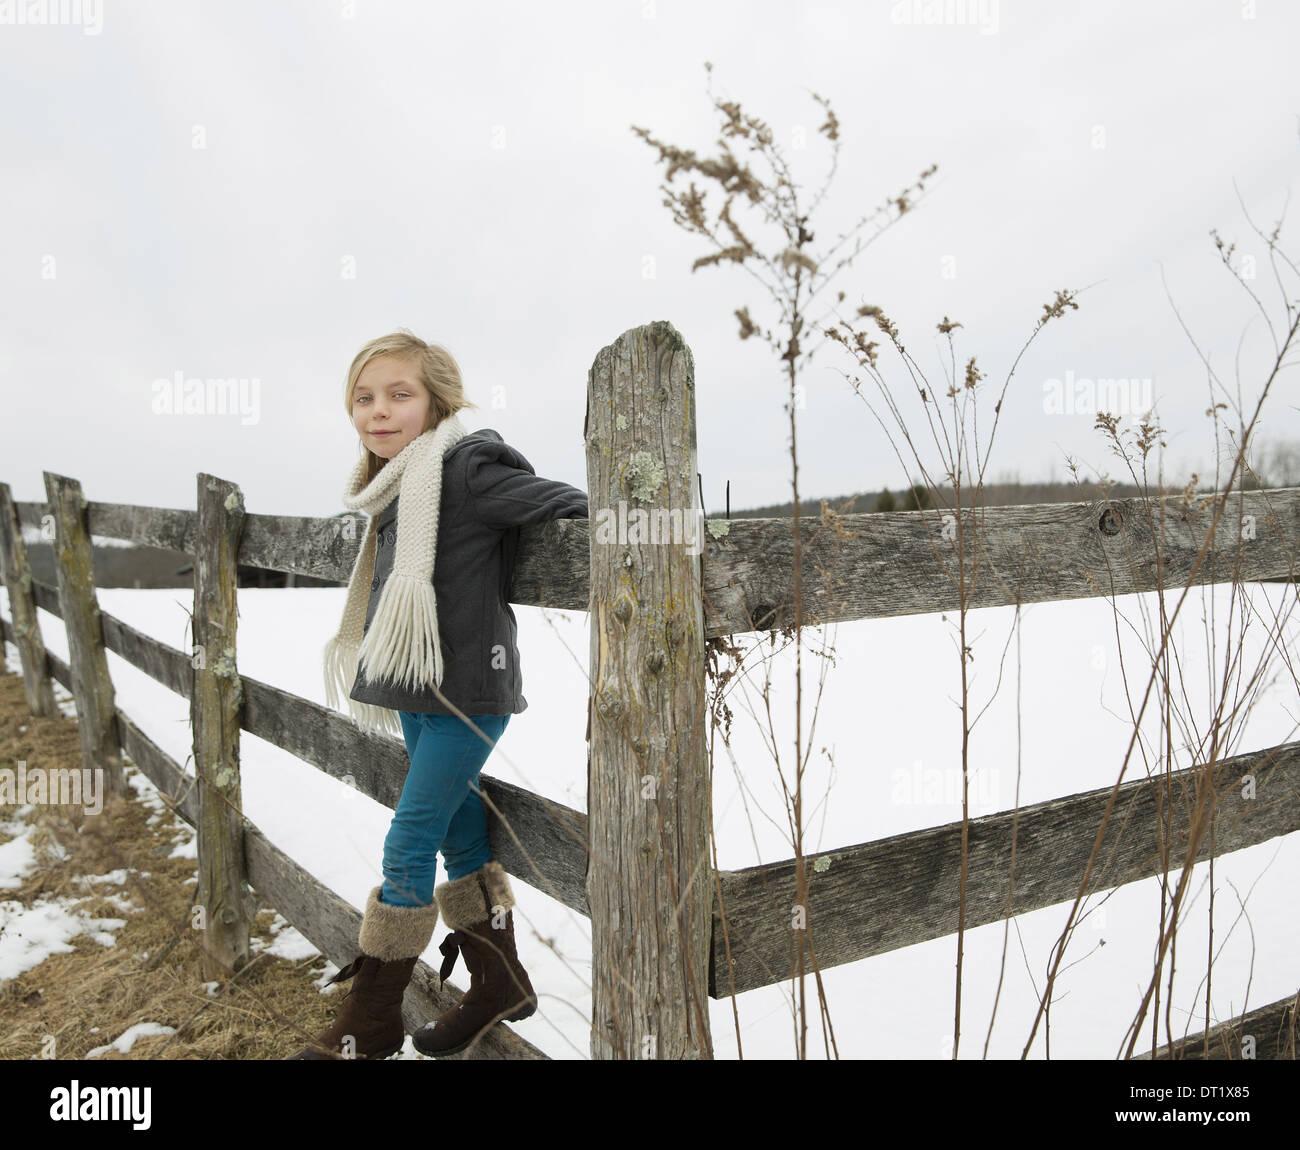 Una granja en la nieve, una niña con un sombrero y una bufanda y botas, apoyándose en una valla Foto de stock